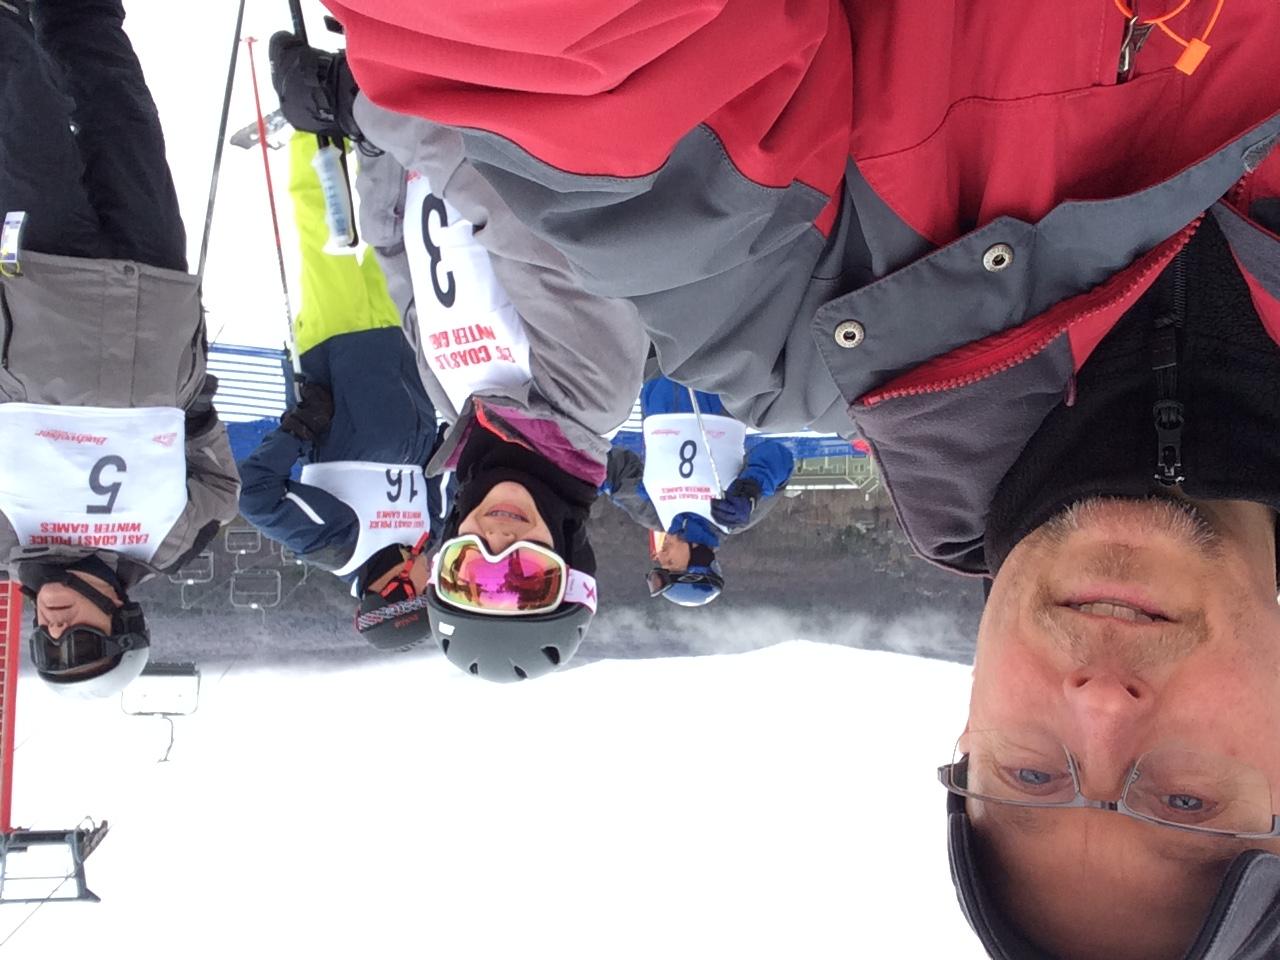 nypd-ski-club_31553669884_o